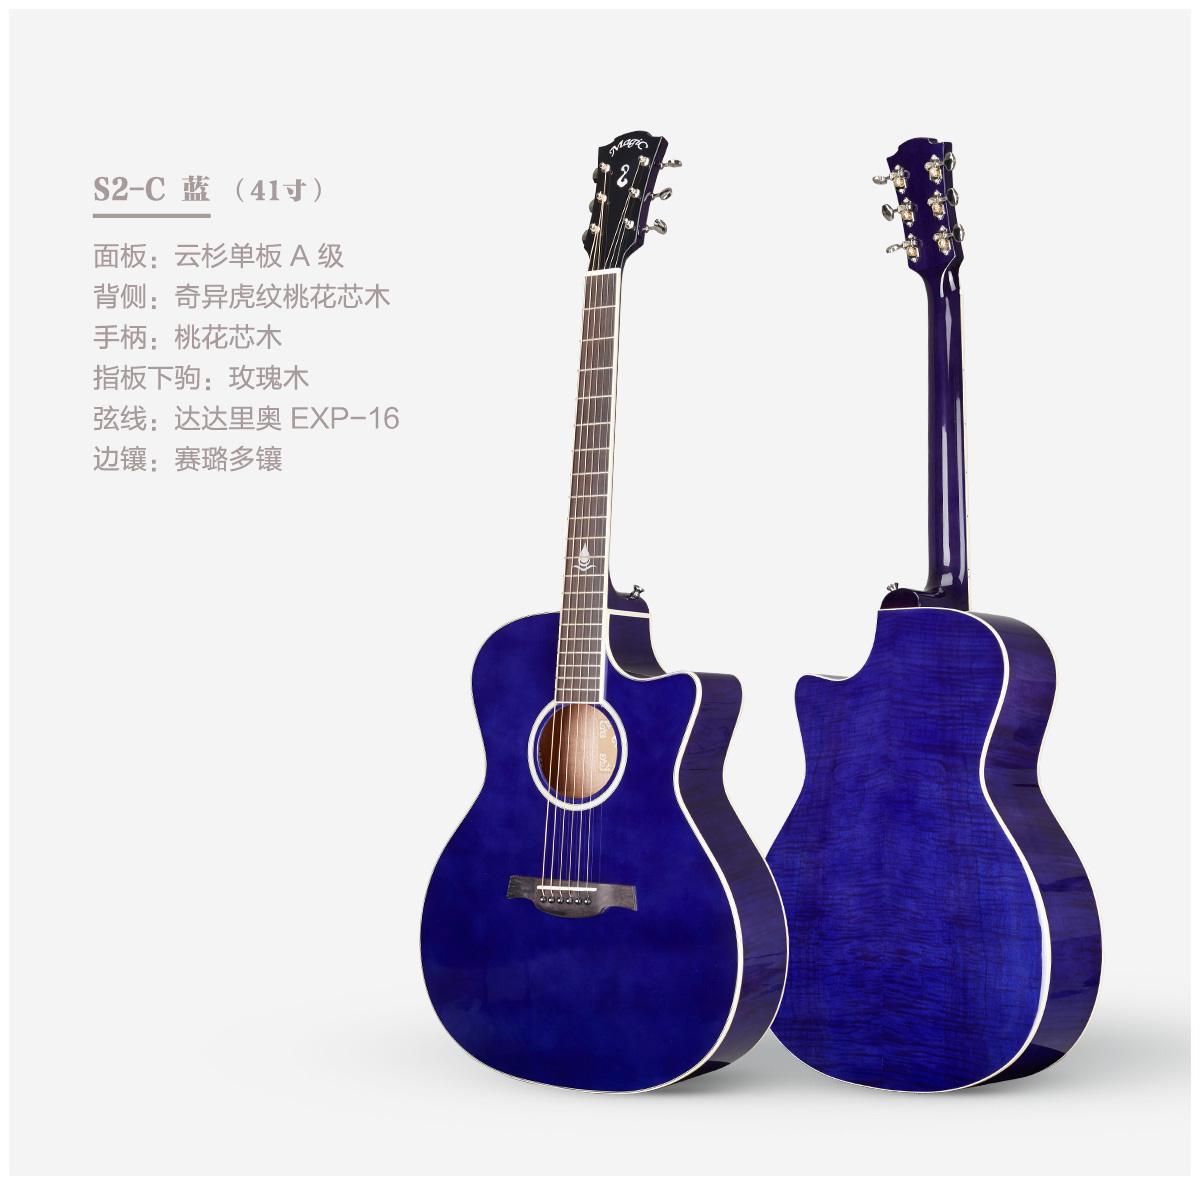 S2-C(藍)